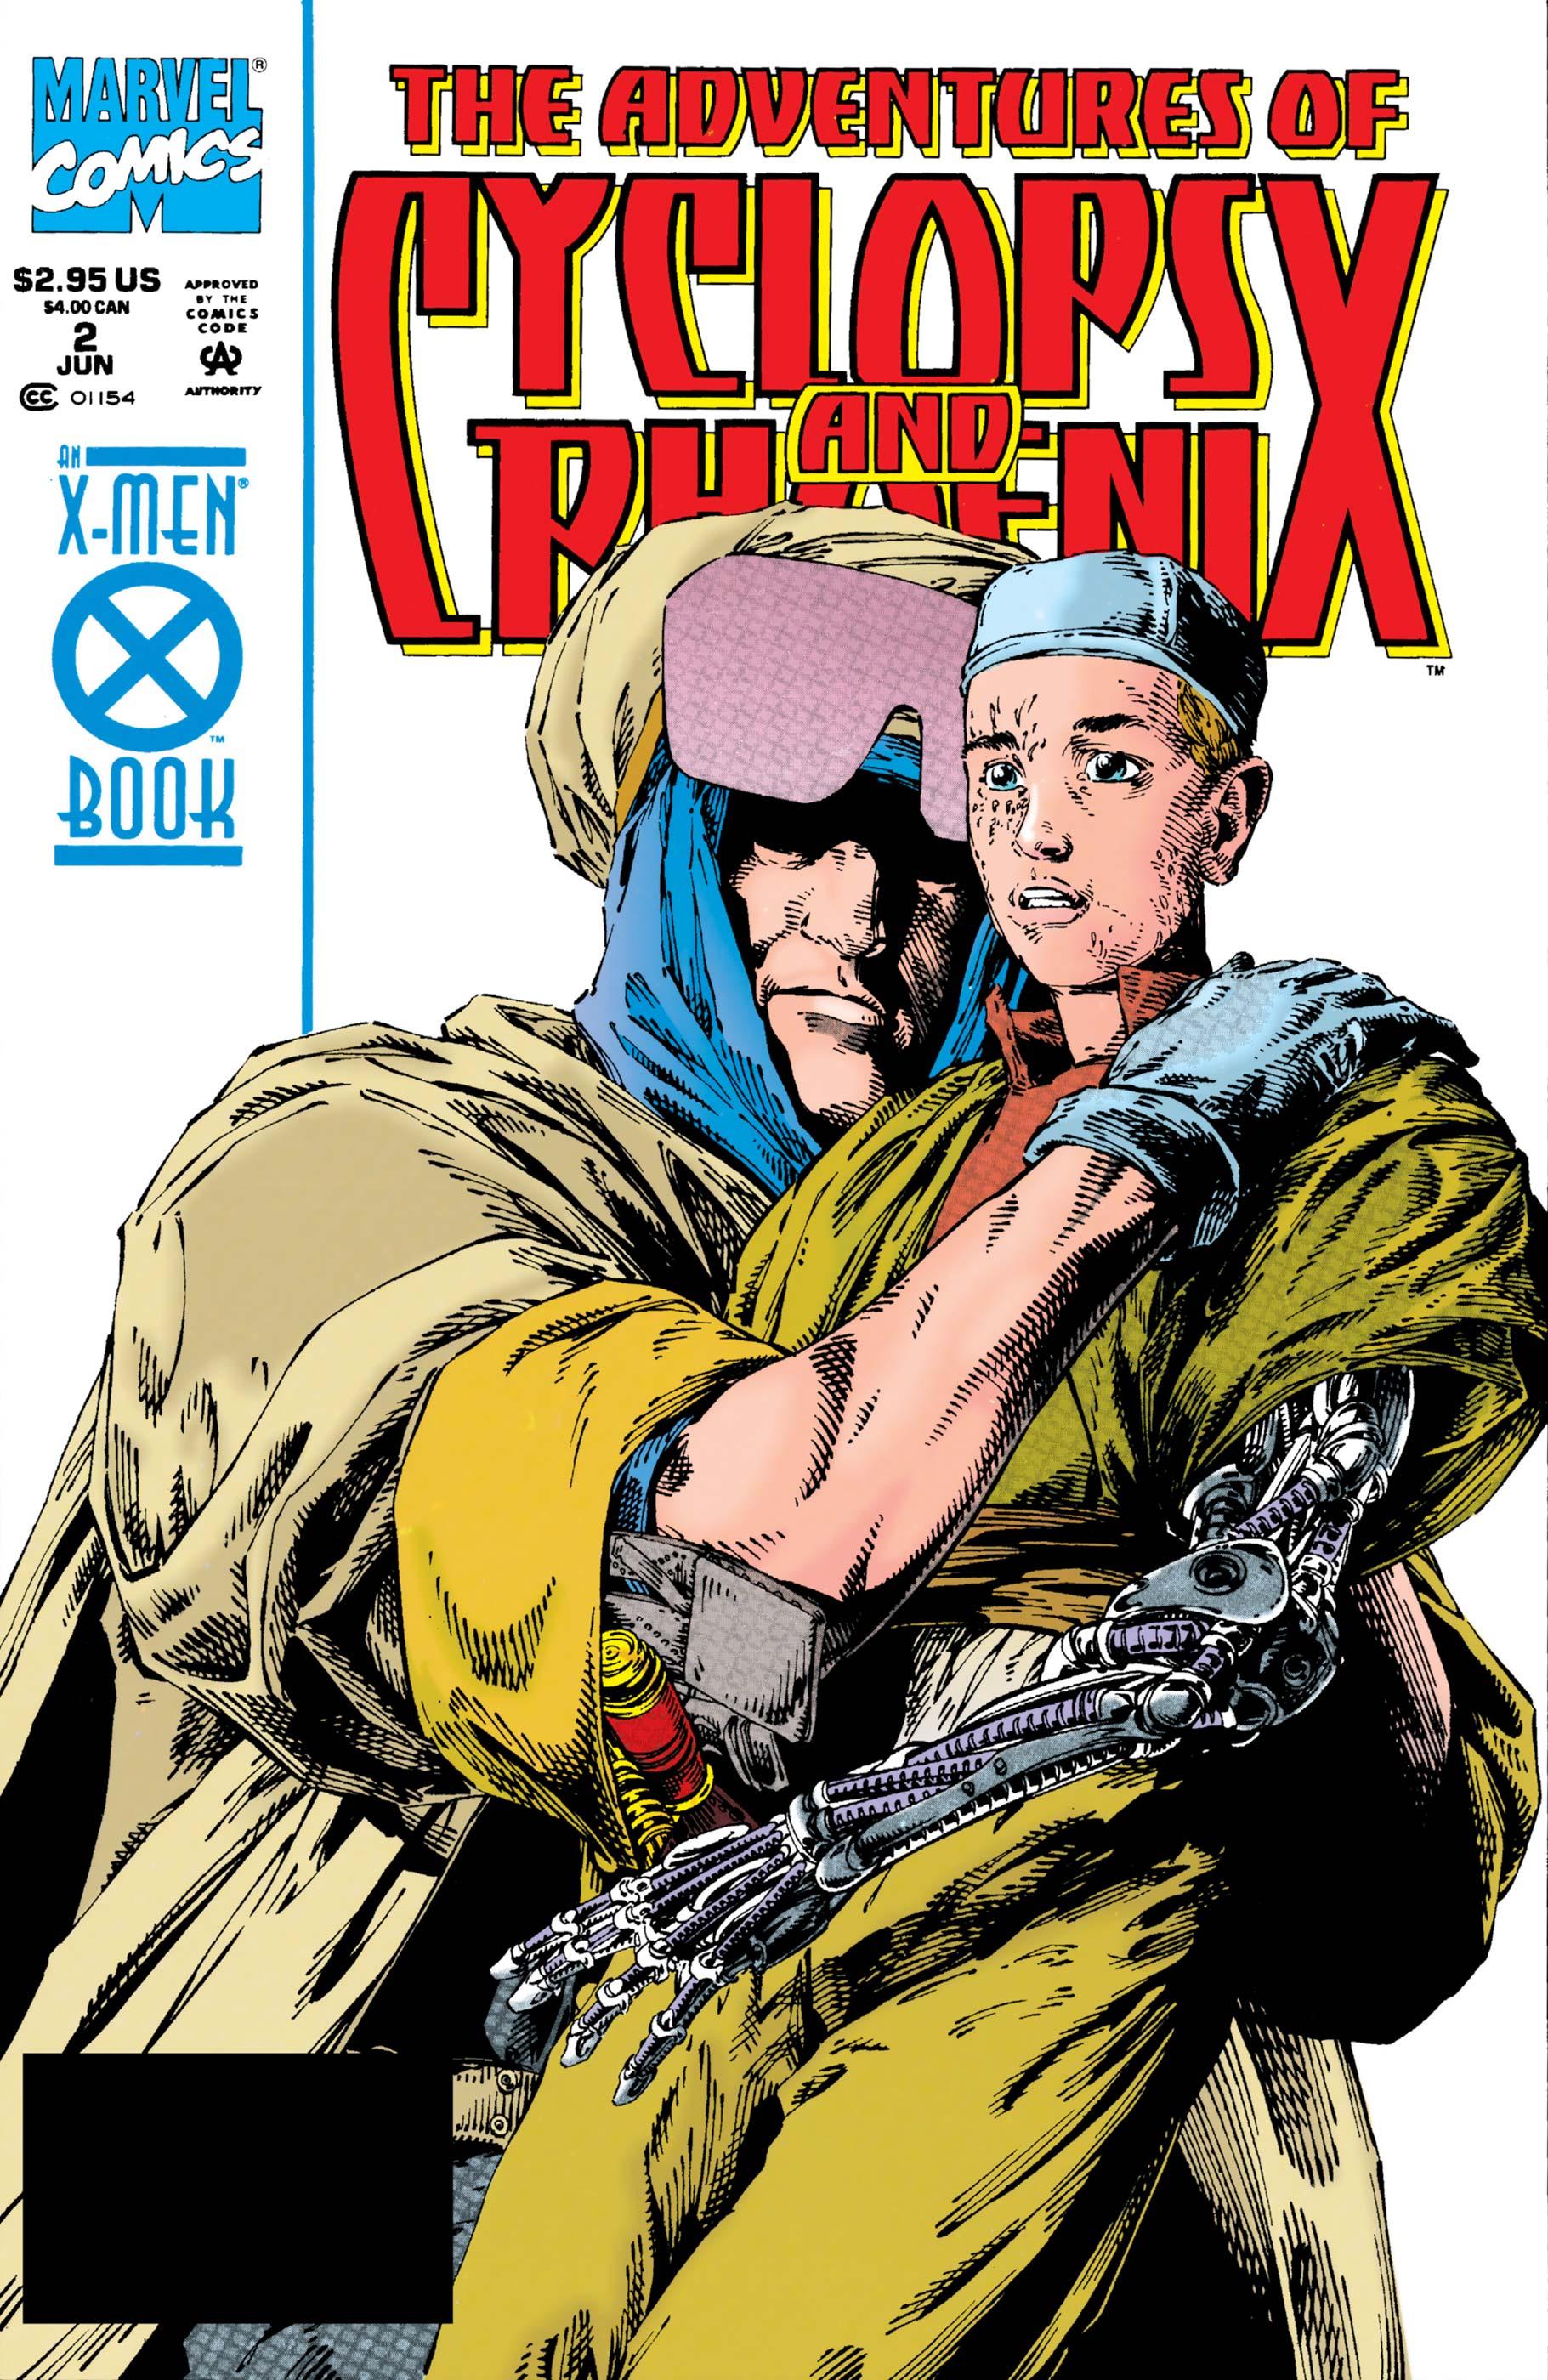 Adventures of Cyclops & Phoenix (1994) #2